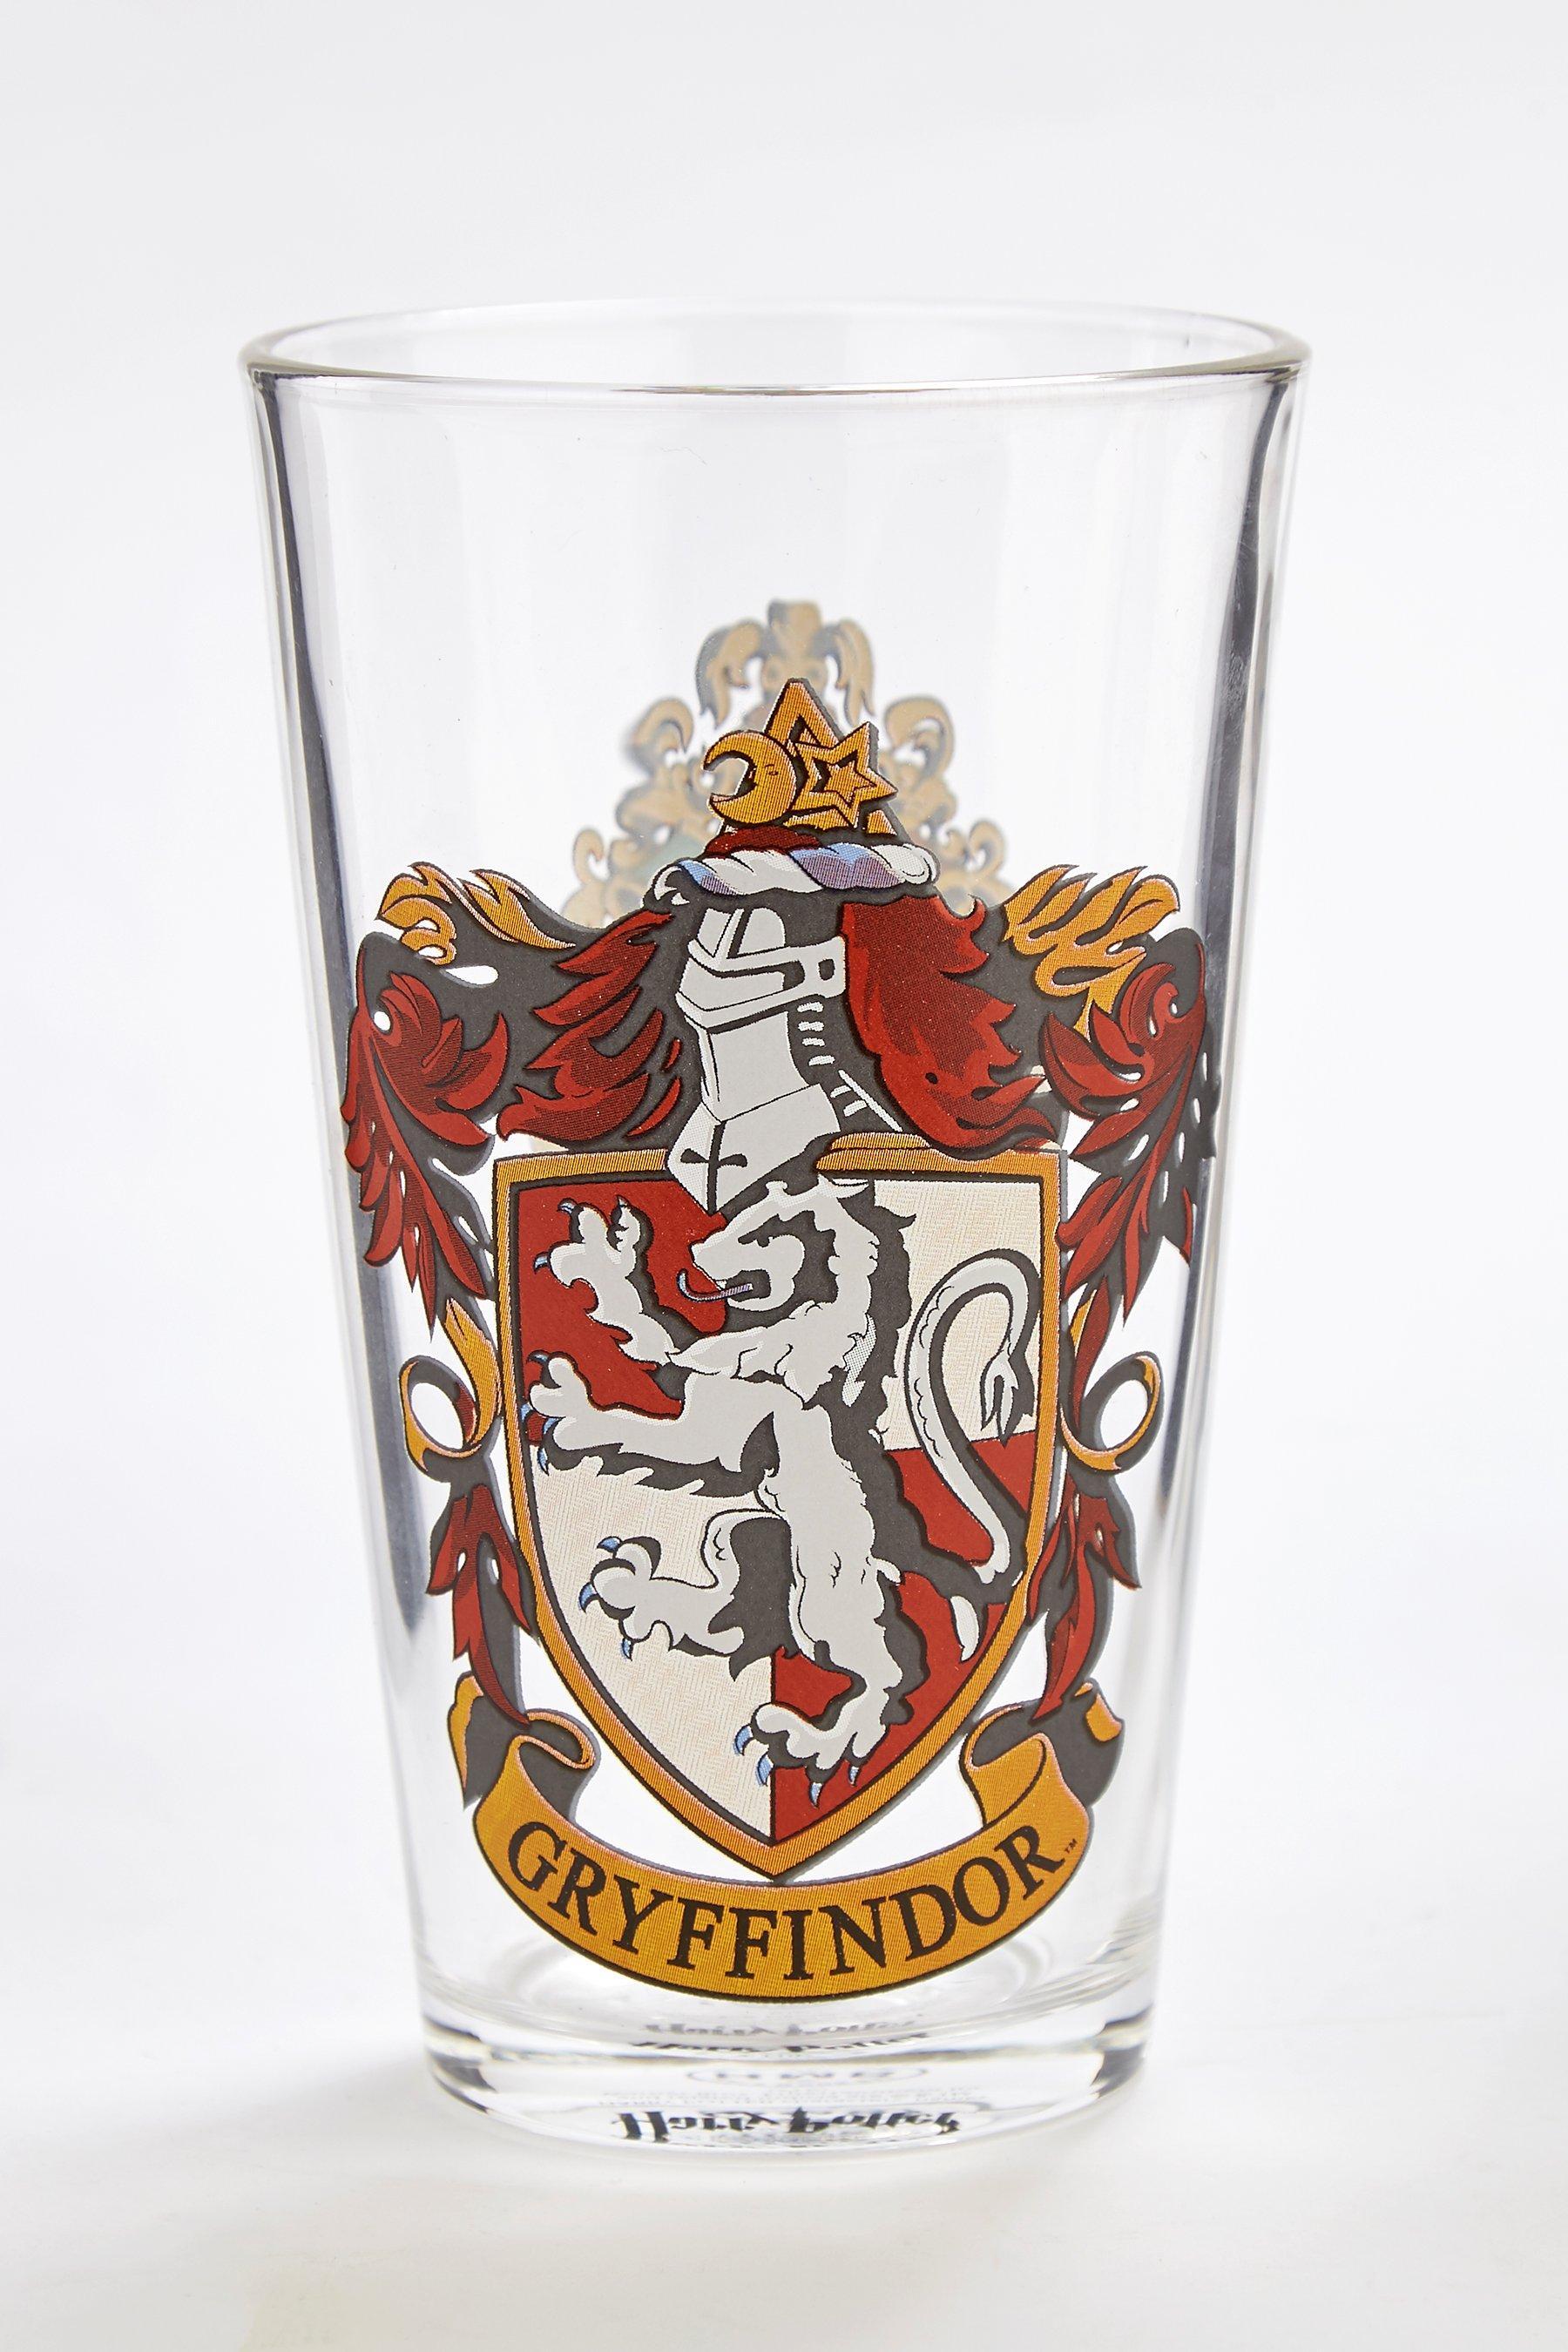 HARRY POTTER LARGE GLASS Hogwarts Crest